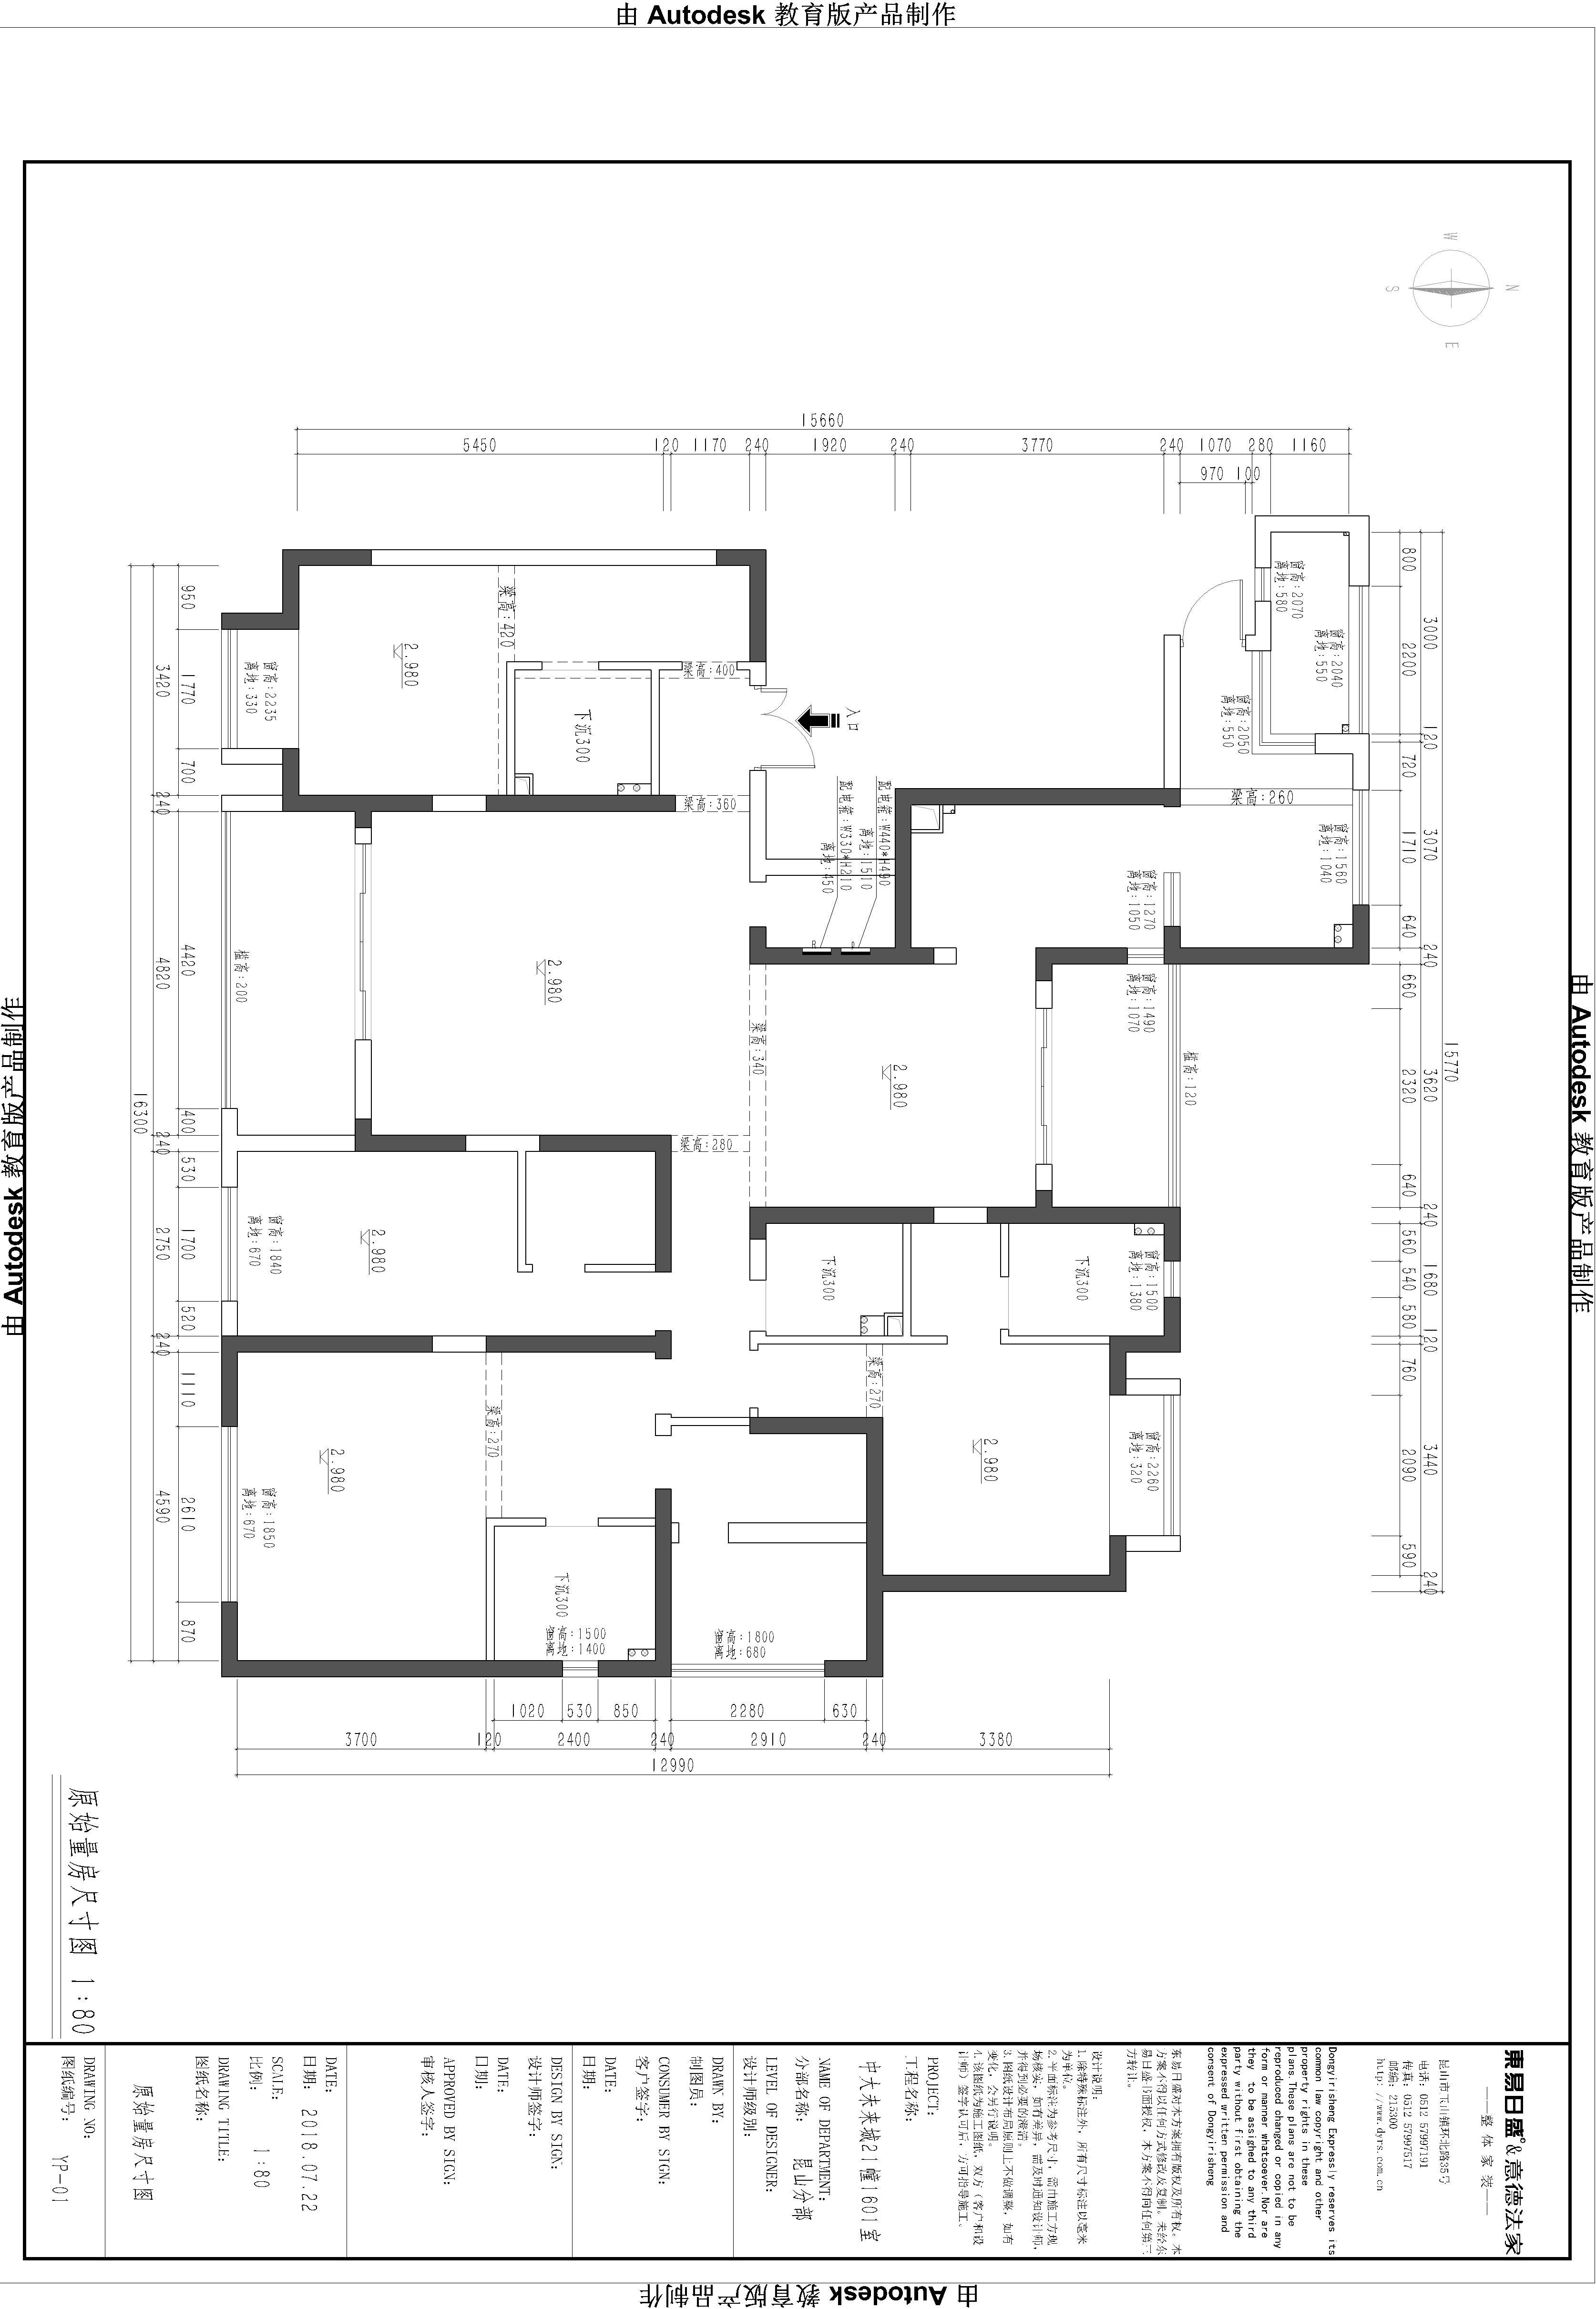 中大未来城230平米现代美式风格装修效果图装修设计理念